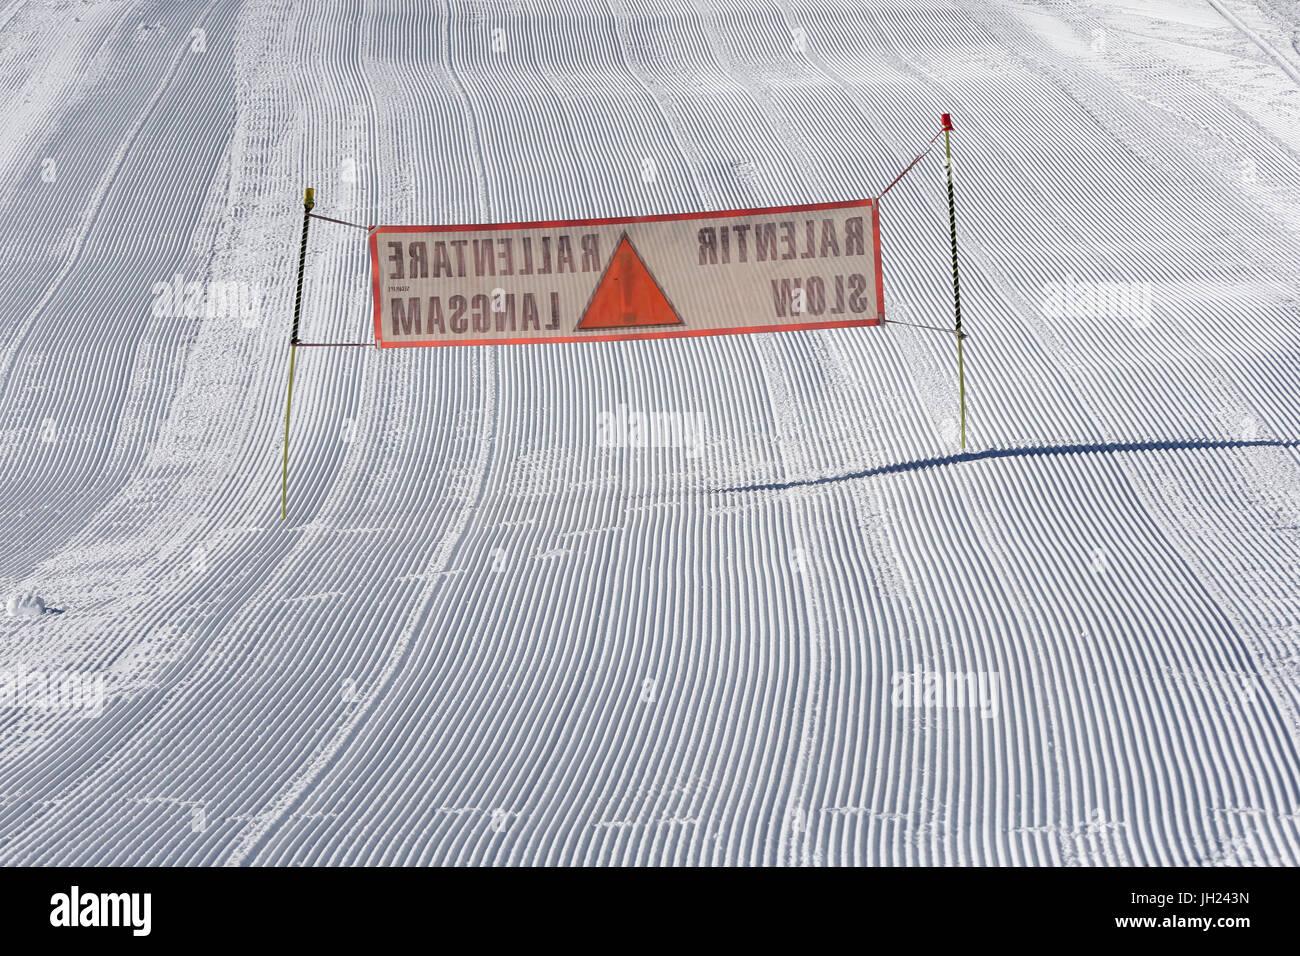 Sulle Alpi francesi. Gli sciatori segno lento. Curate Piste da sci. La Francia. Immagini Stock